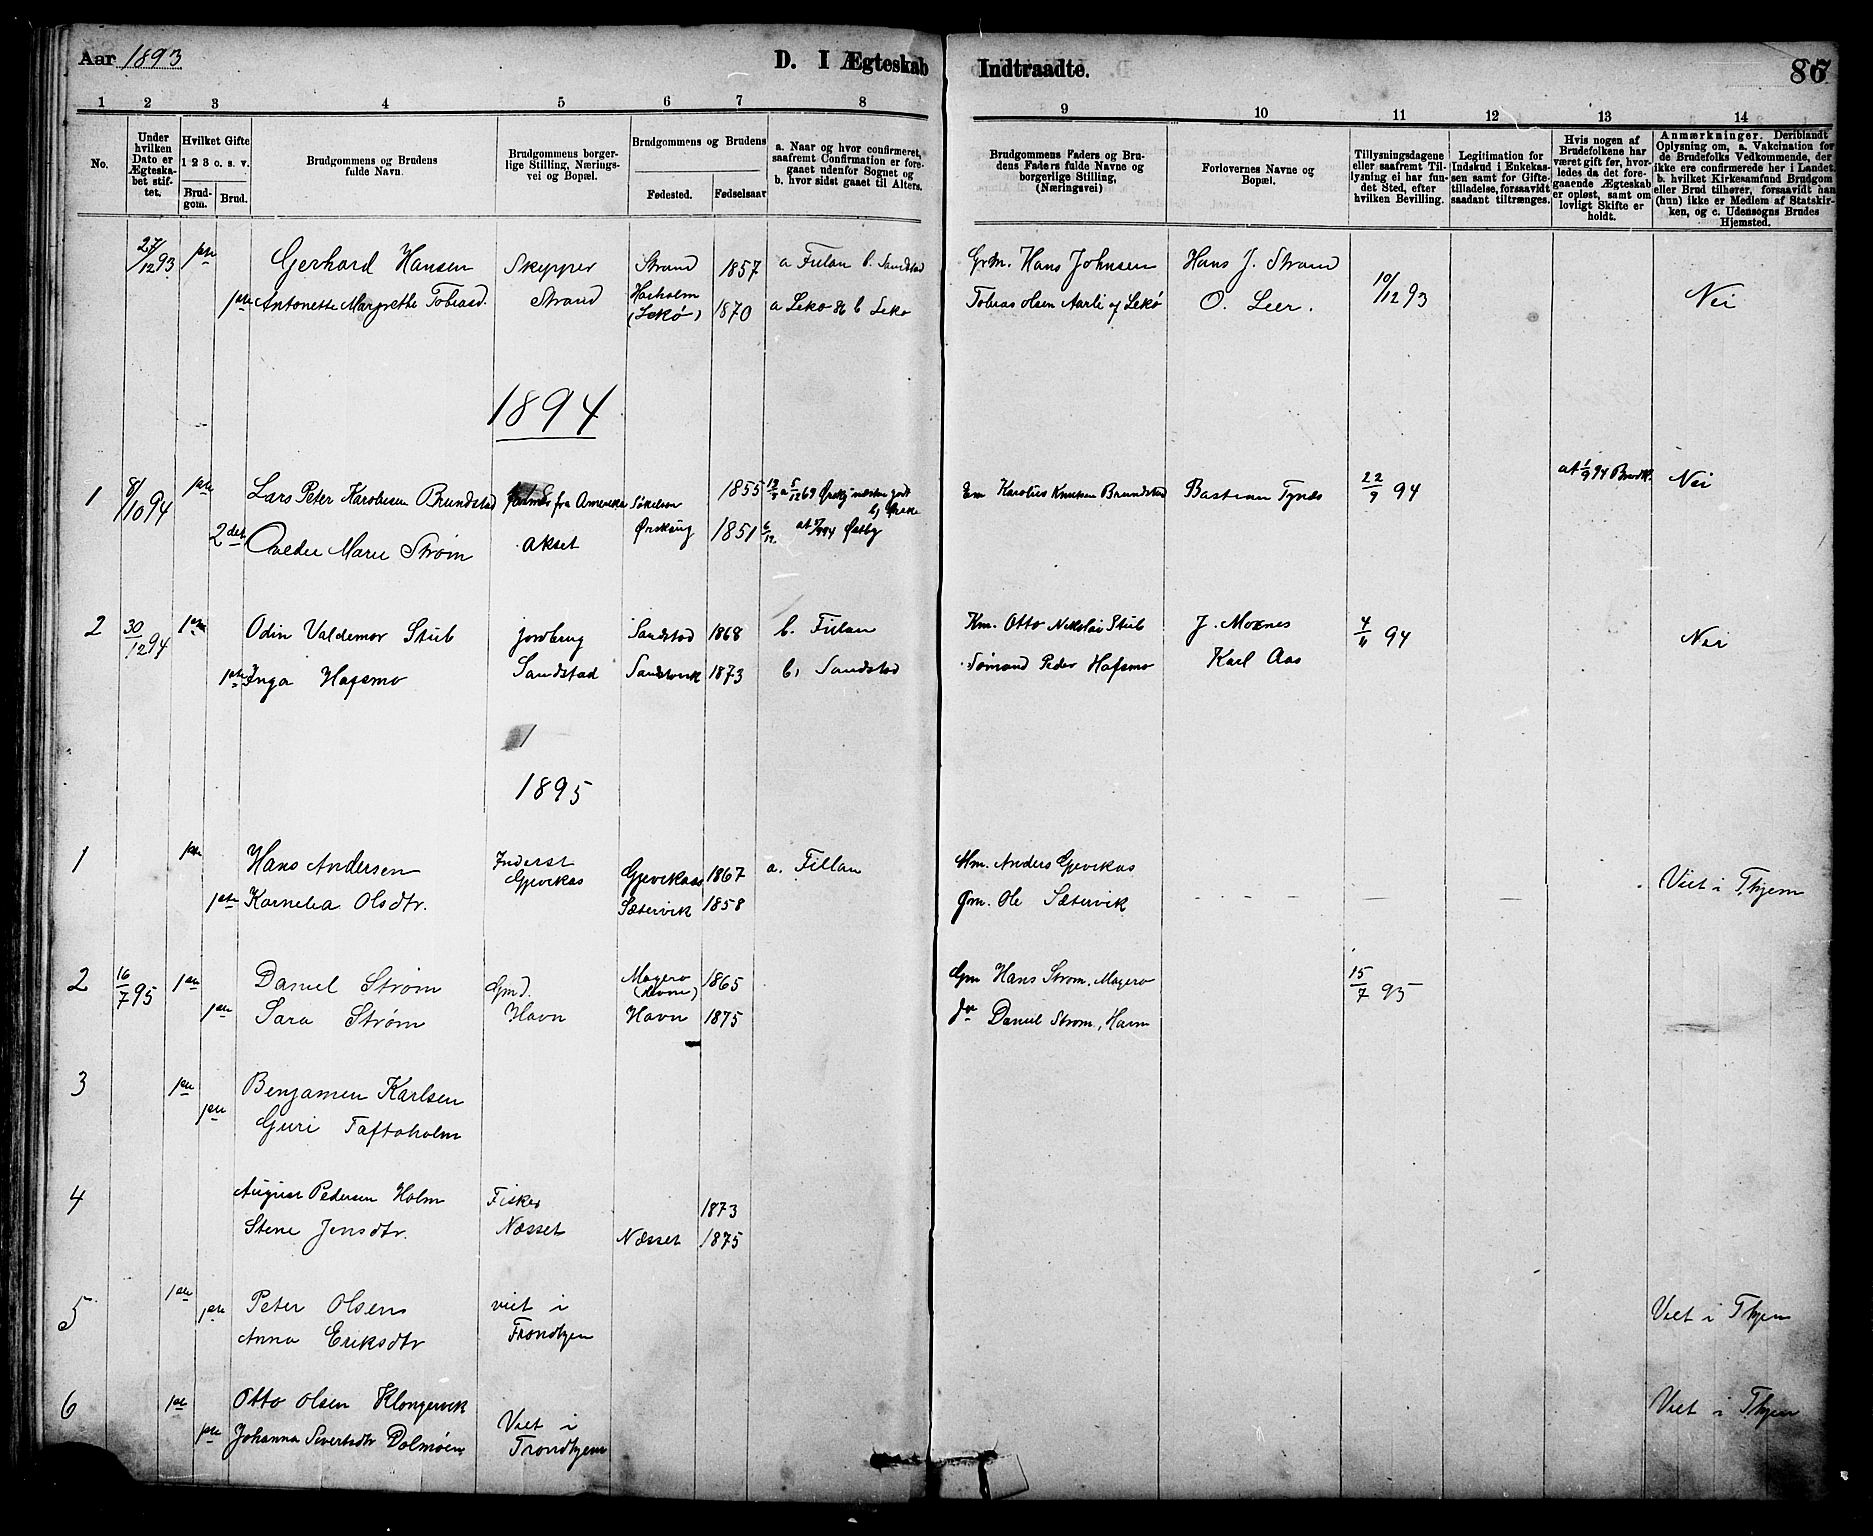 SAT, Ministerialprotokoller, klokkerbøker og fødselsregistre - Sør-Trøndelag, 639/L0573: Klokkerbok nr. 639C01, 1890-1905, s. 86